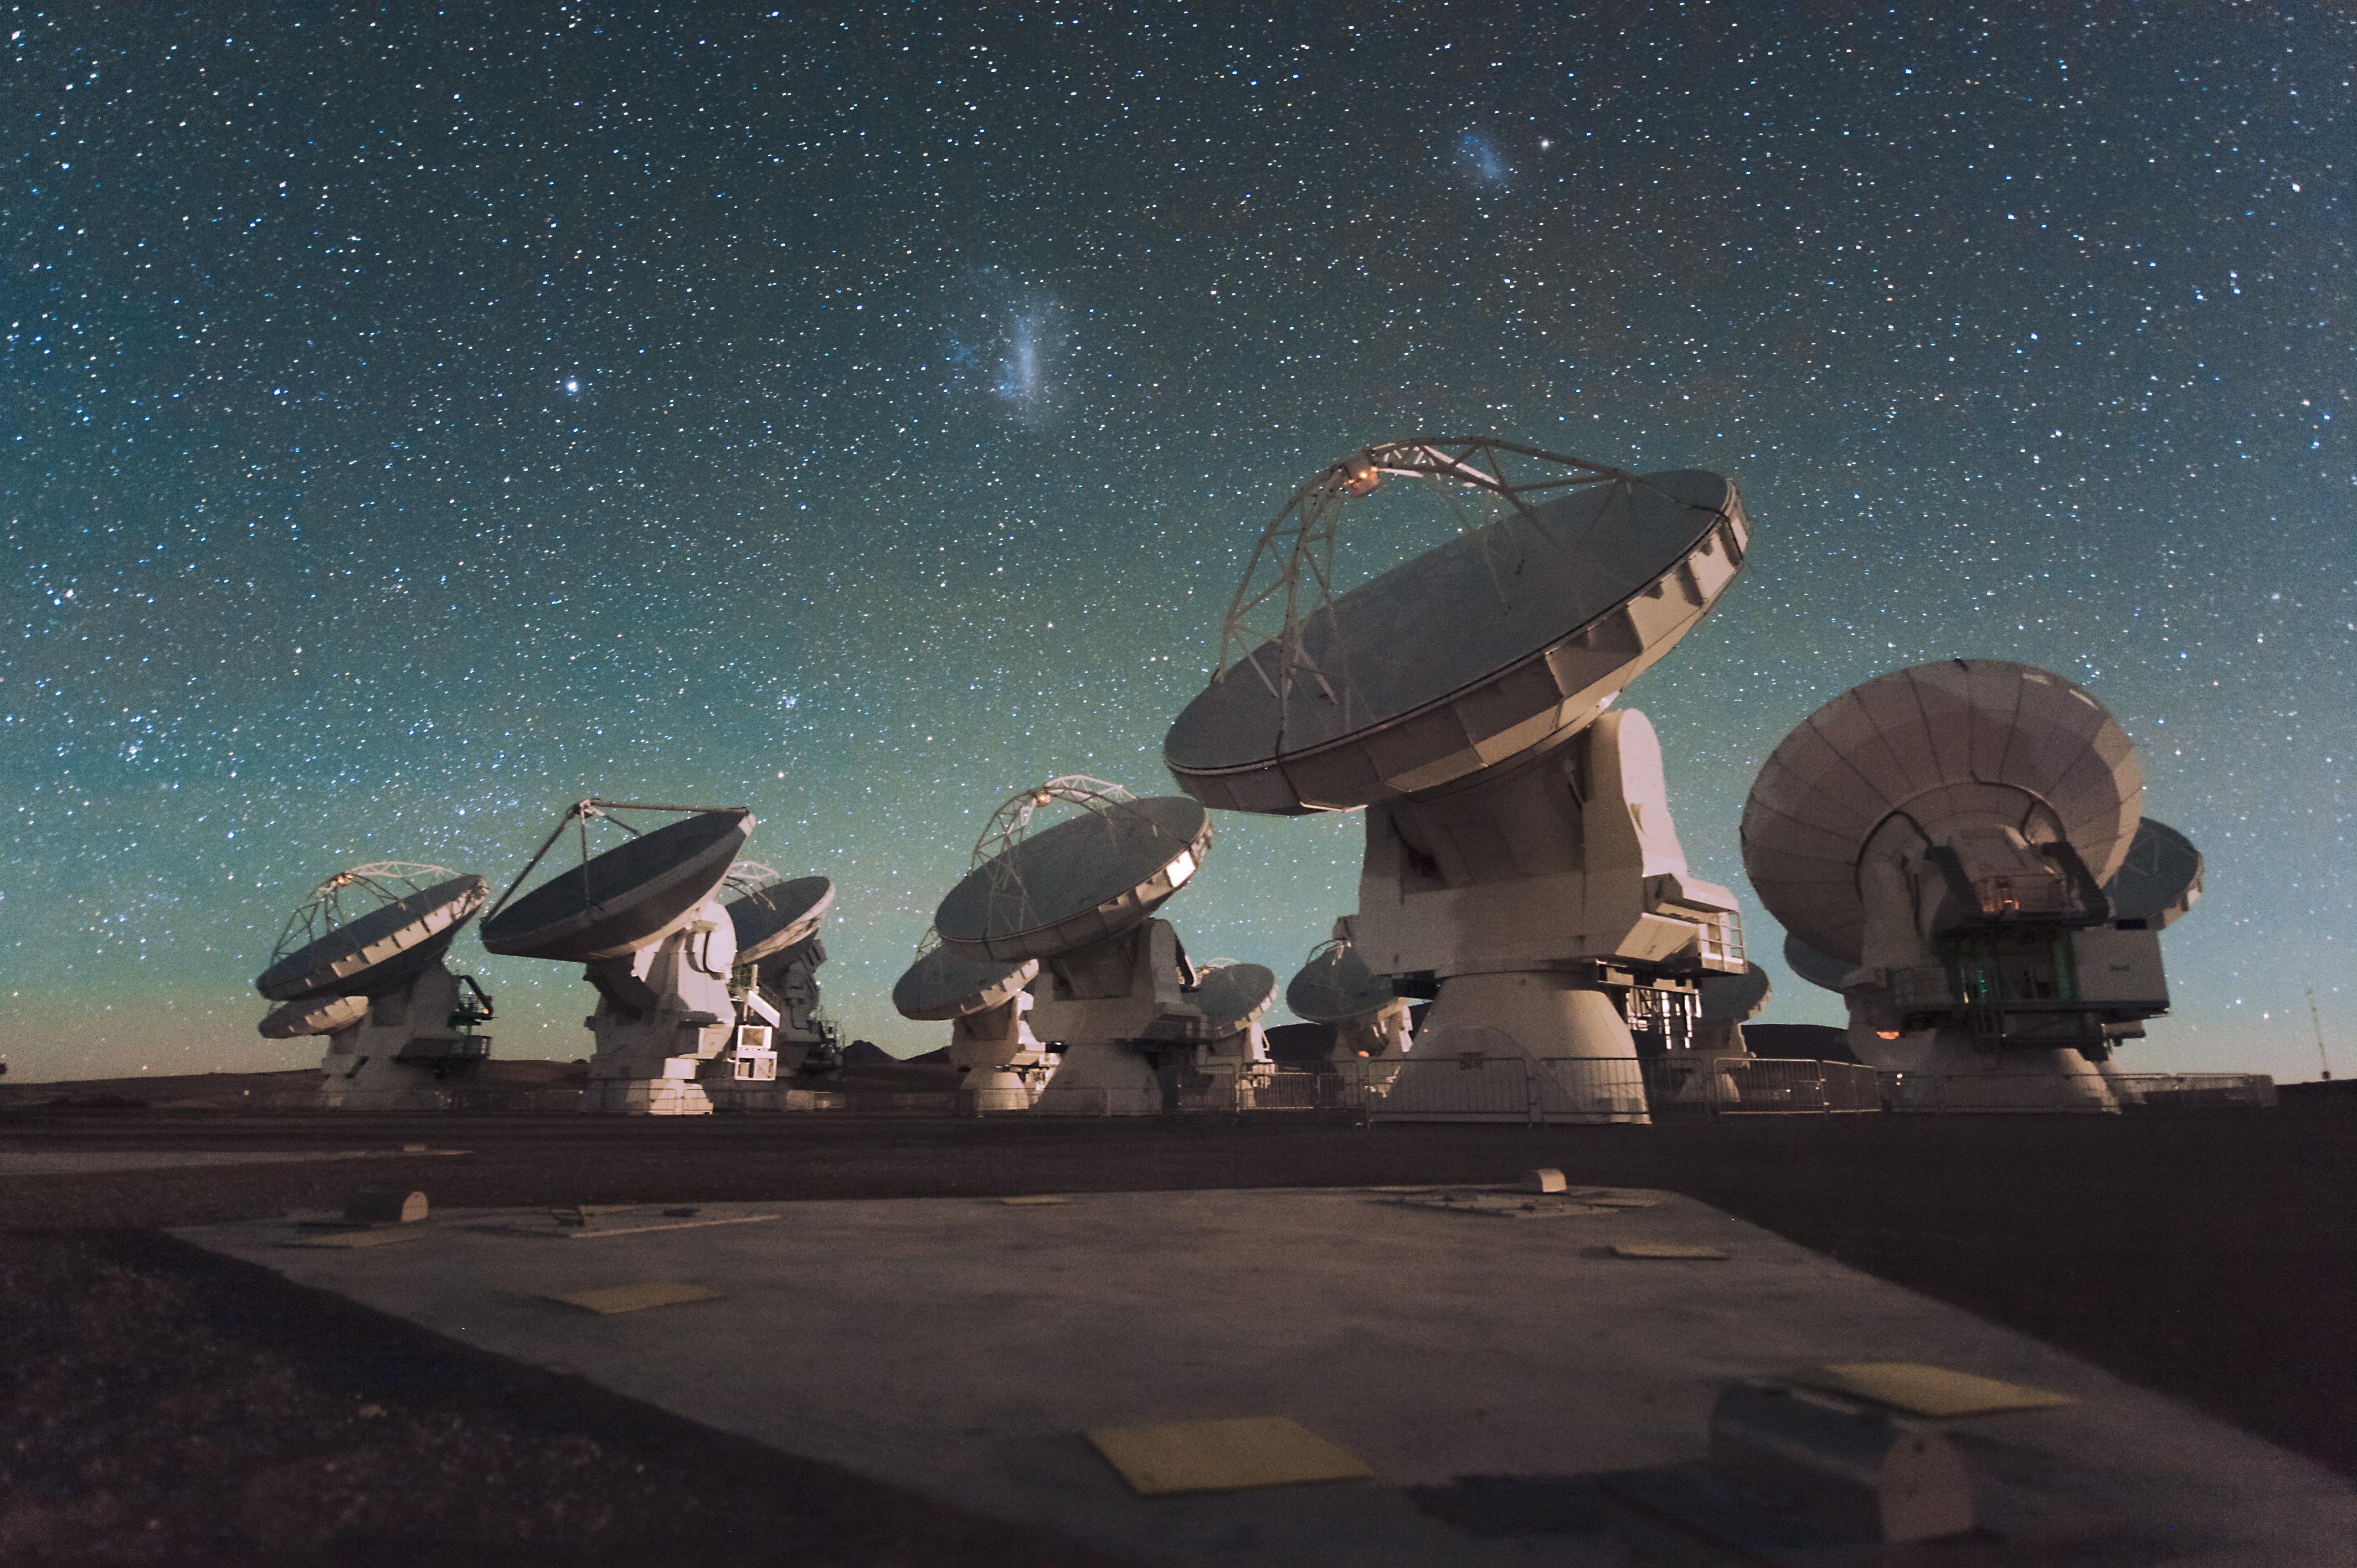 Uno scatto notturno dell'osservatorio astronomico nel deserto di Atacama (fonte: wikipedia.org)